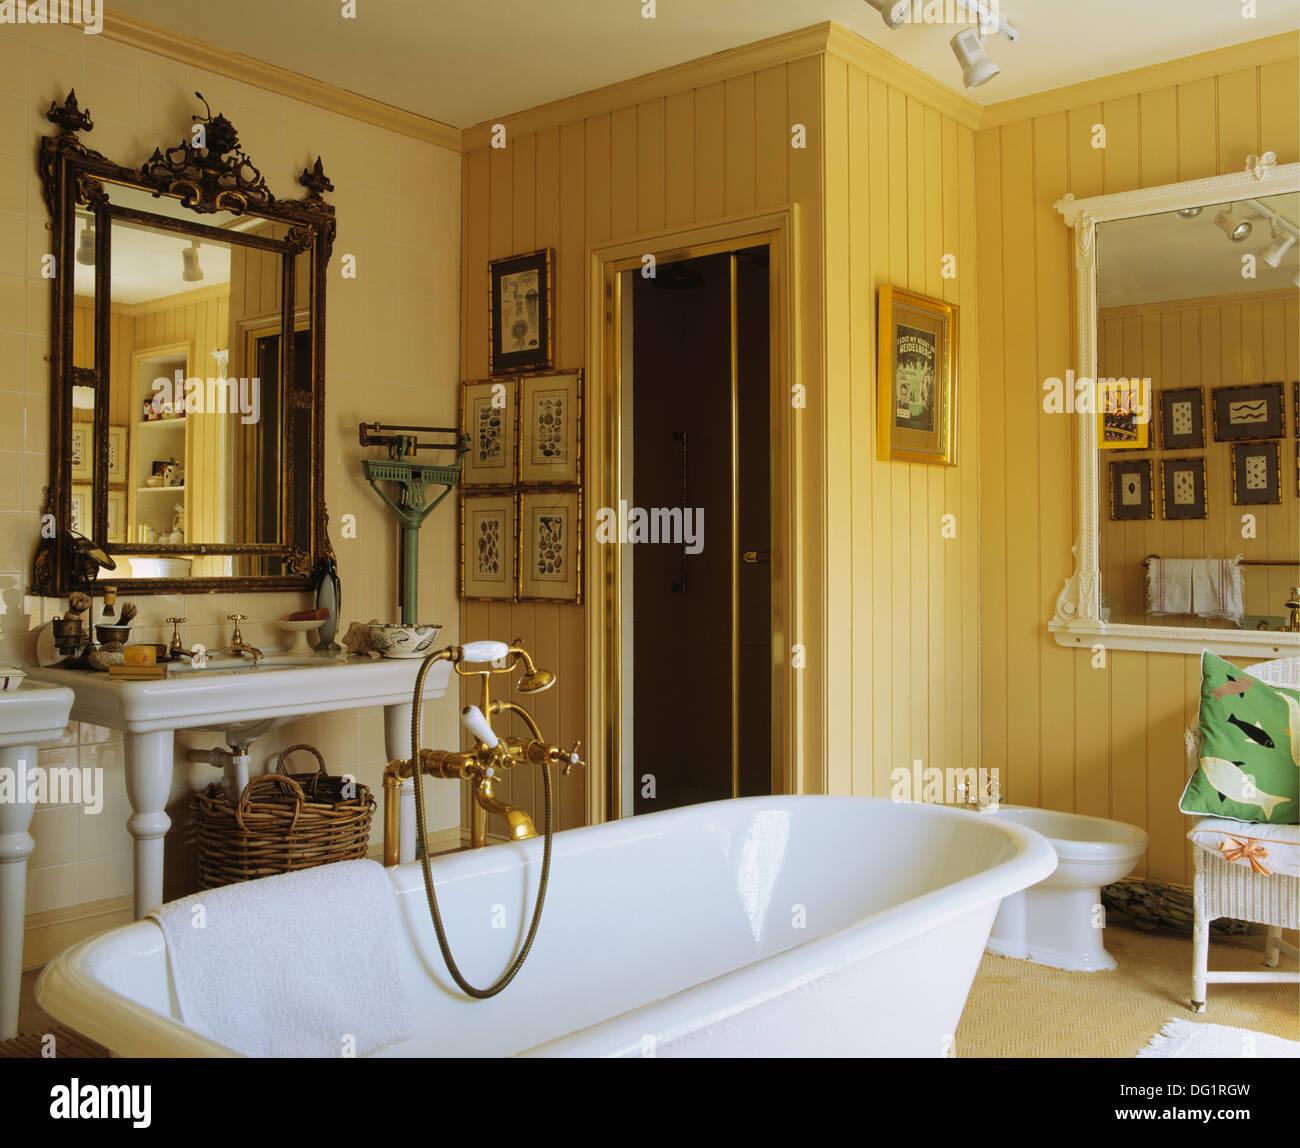 Antiker Spiegel über dem Waschbecken im gelben Badezimmer mit ...